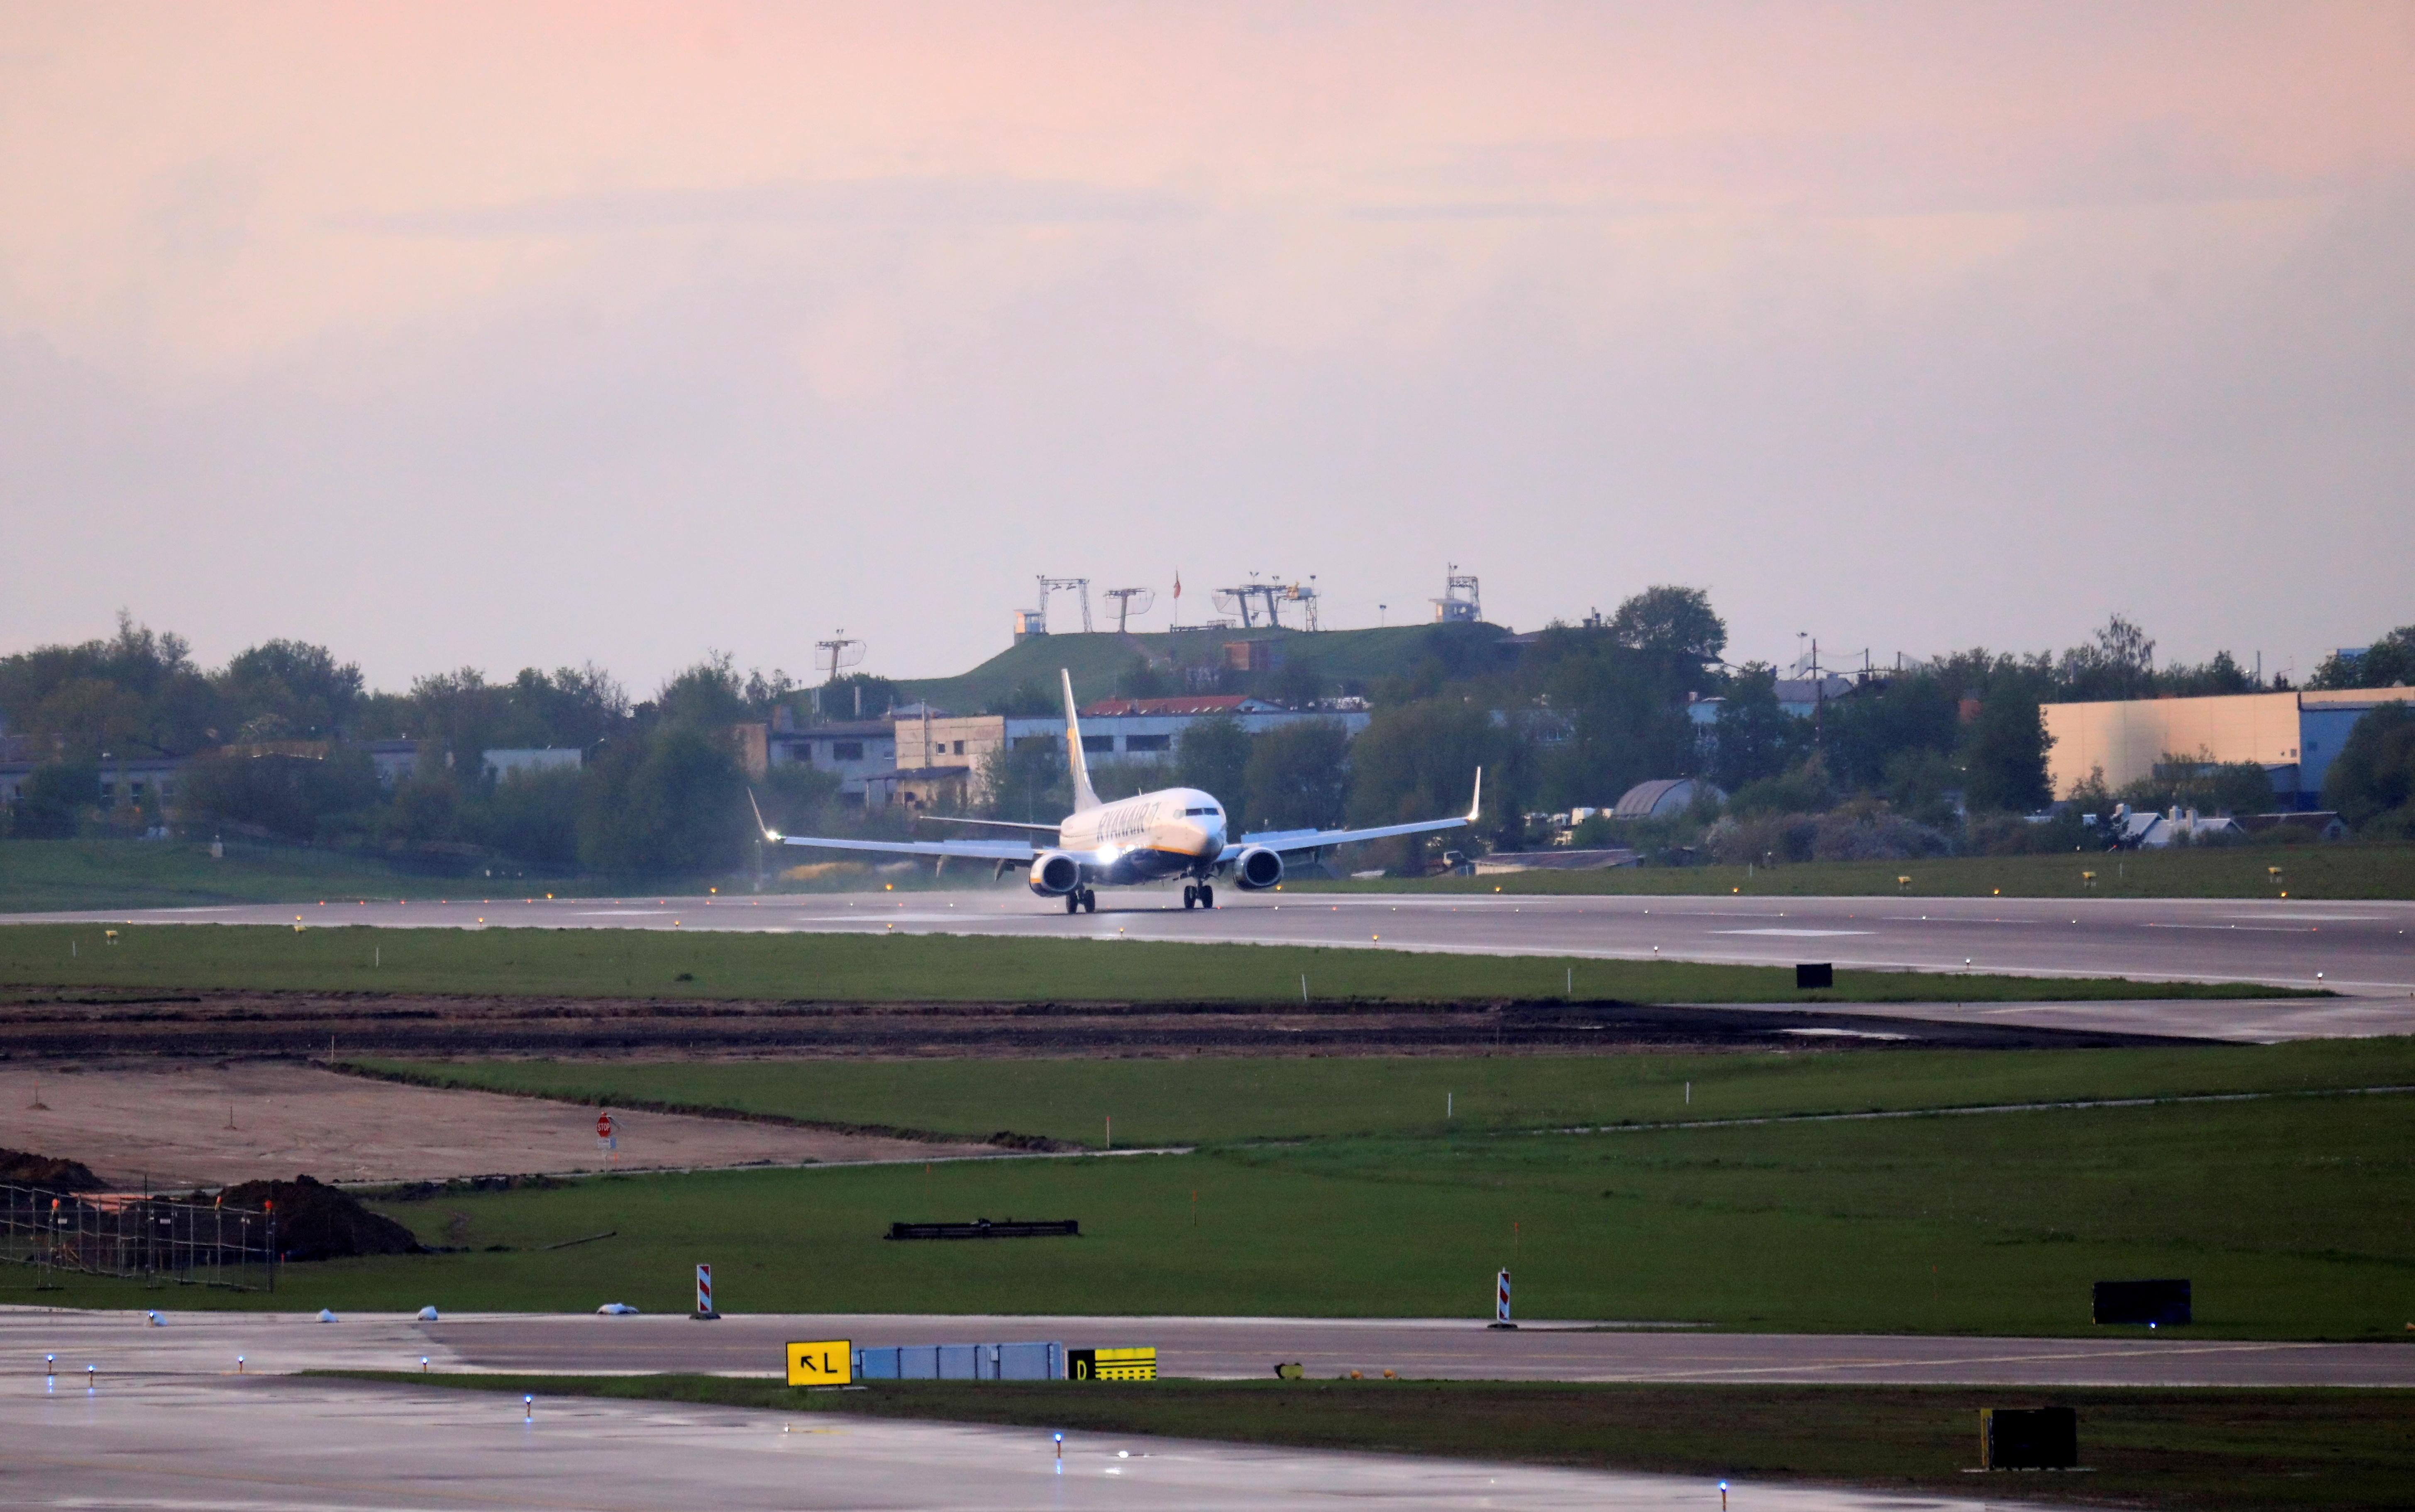 Un avión aterriza en el aeropuerto de Minsk.